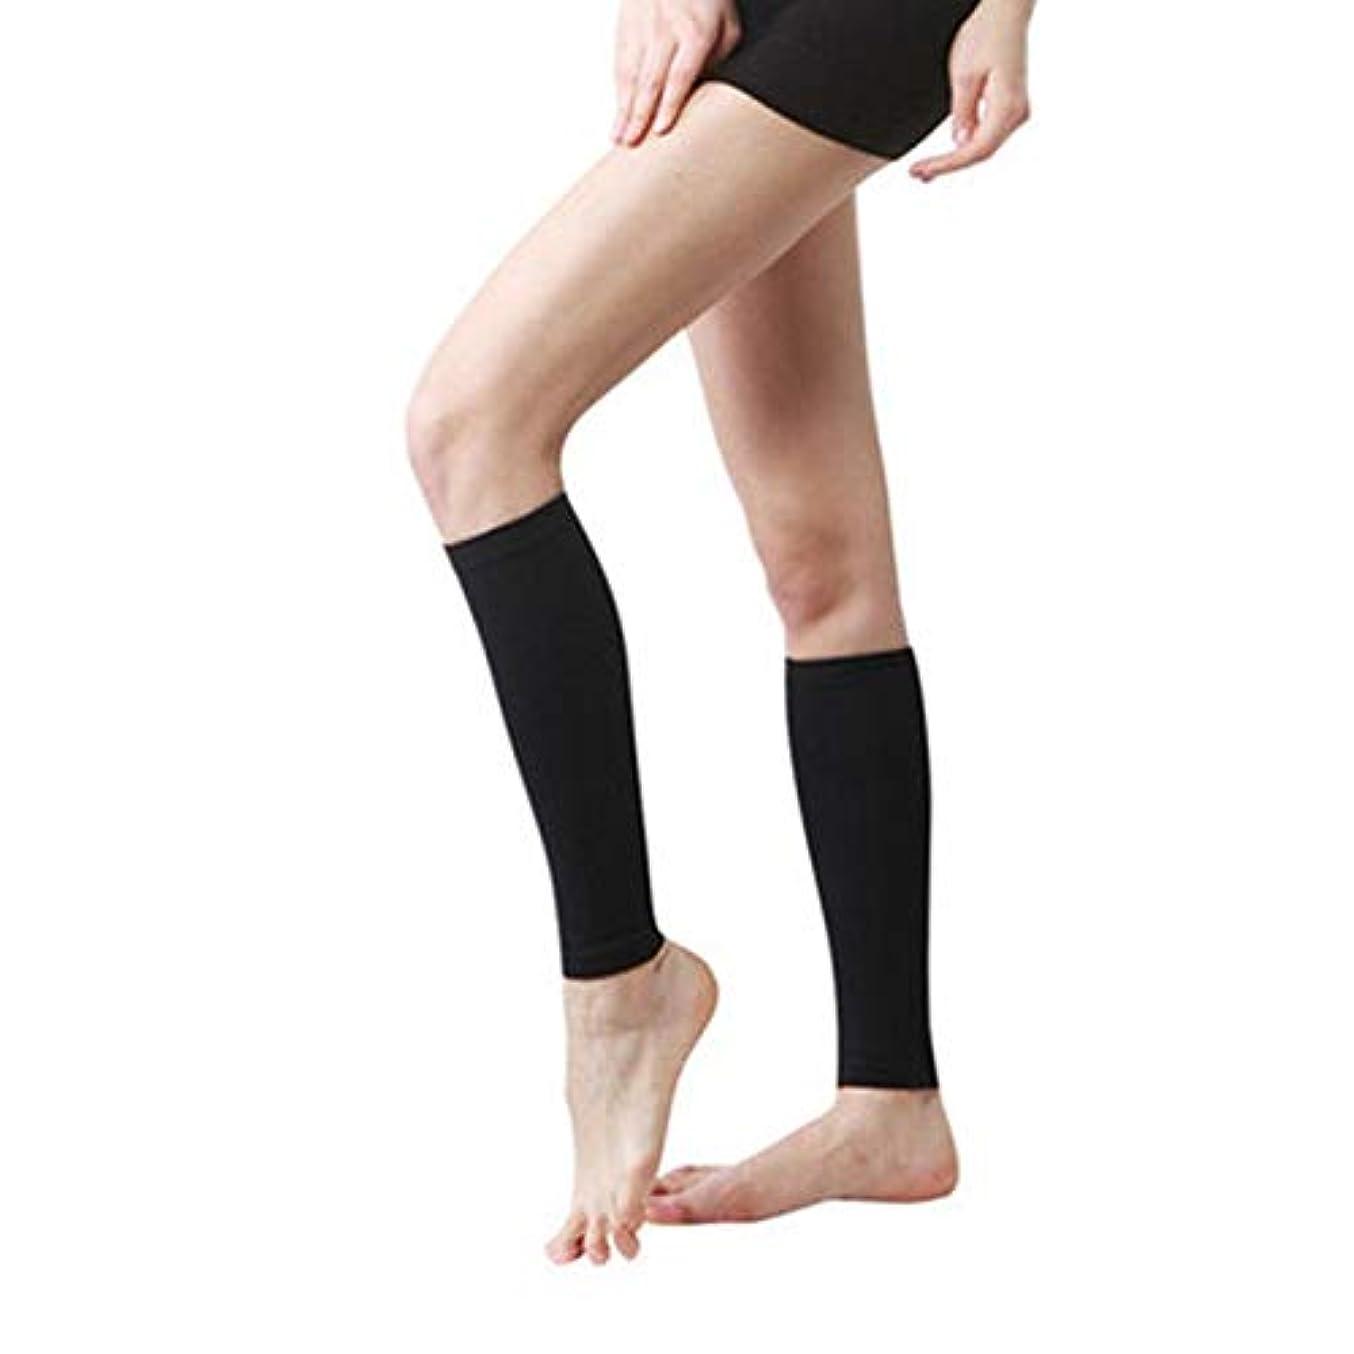 きらめく信頼性タヒチ丈夫な男性女性プロの圧縮靴下通気性のある旅行活動看護師用シンススプリントフライトトラベル - ブラック